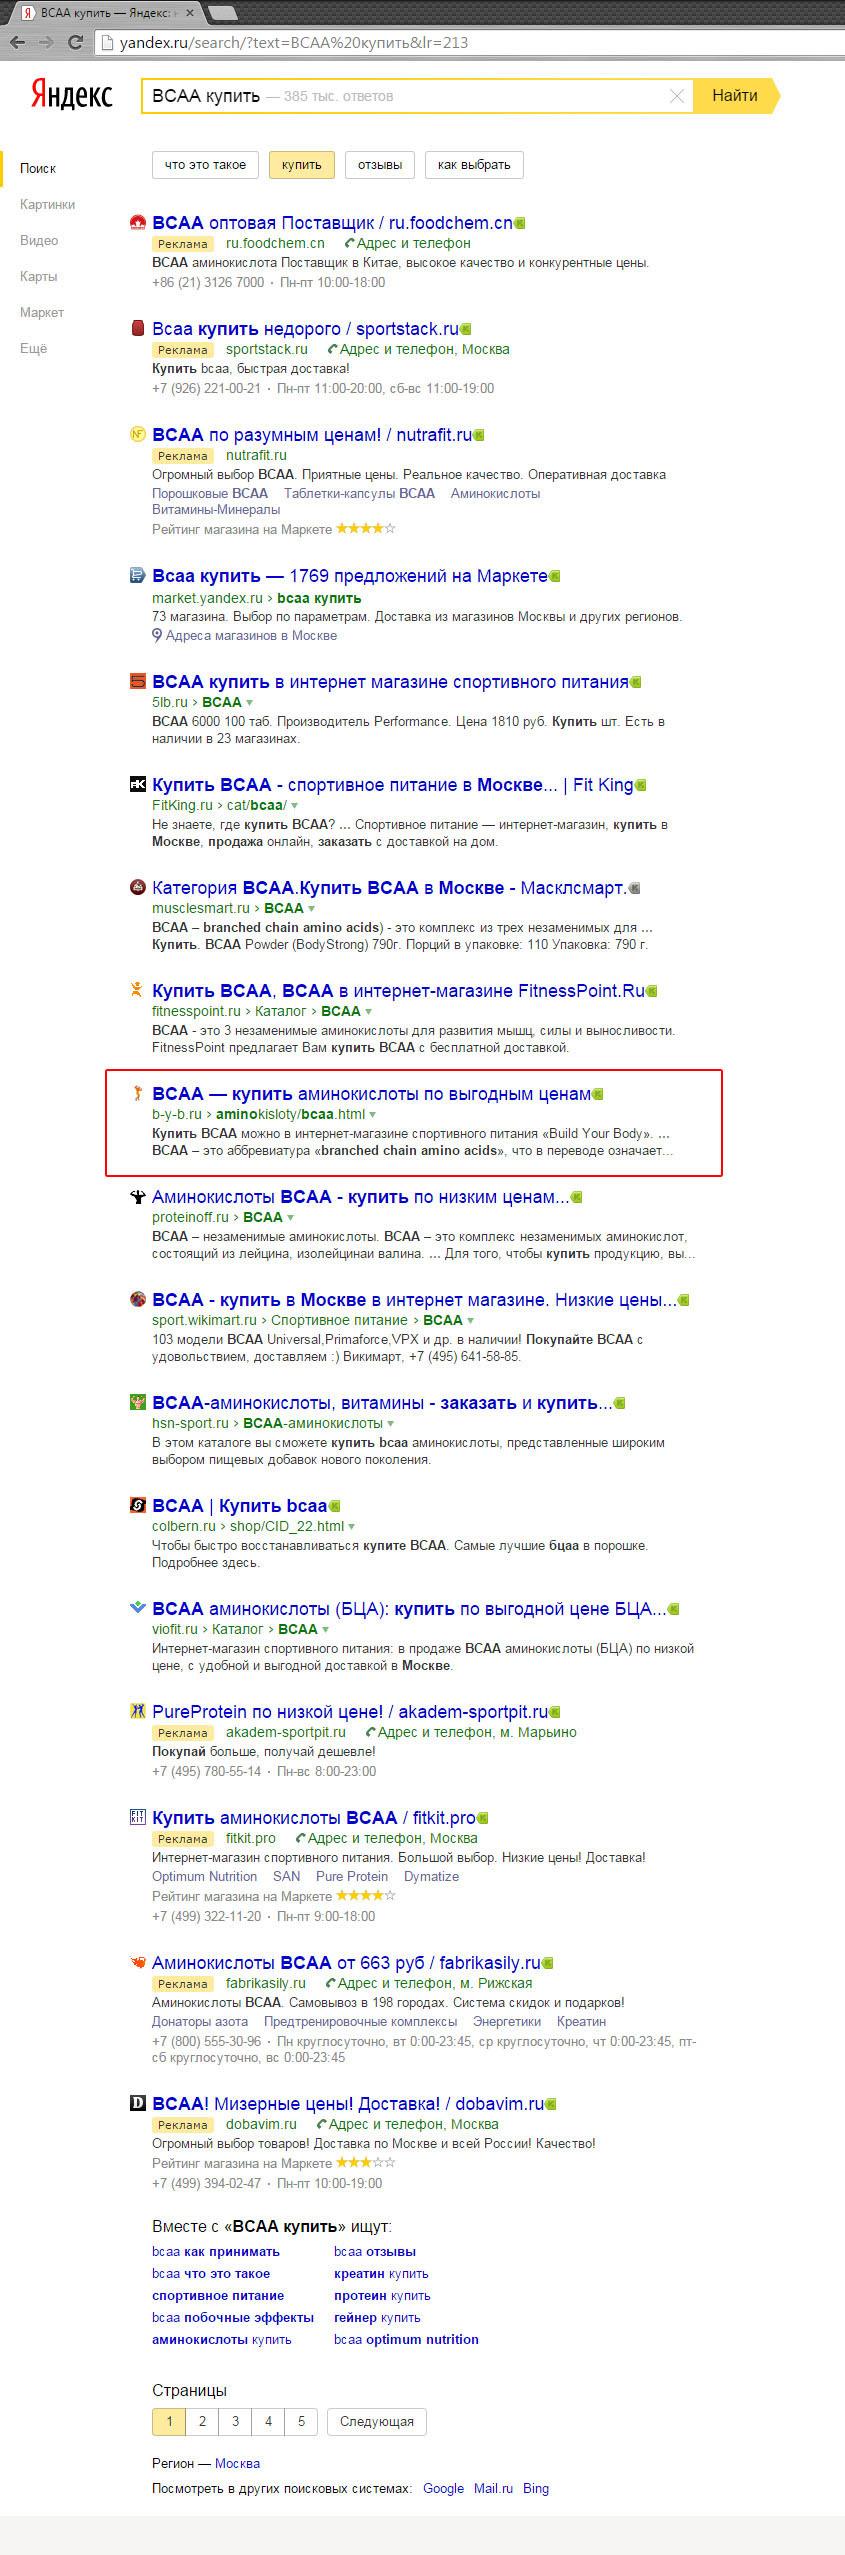 BCAA купить, Москва и область / Яндекс (5-место)